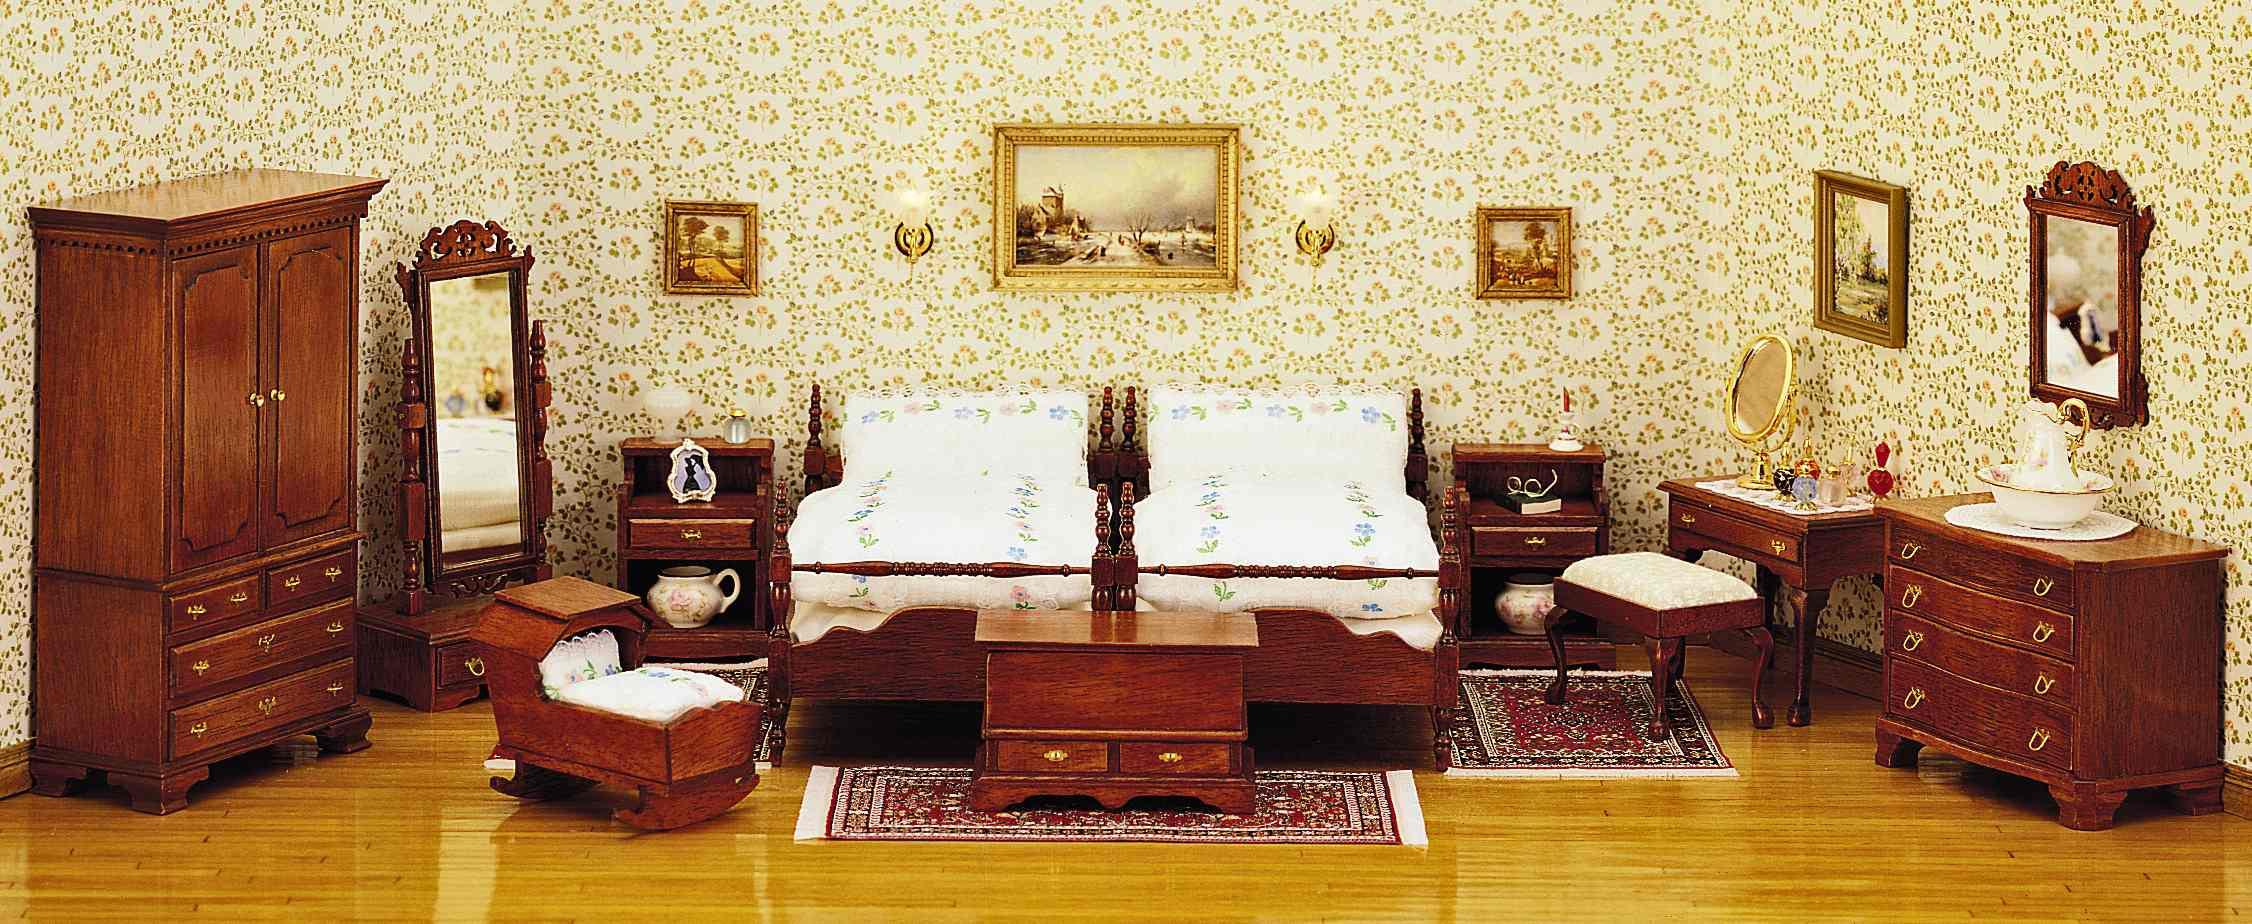 wohnzimmer wandgestaltung braun. Black Bedroom Furniture Sets. Home Design Ideas